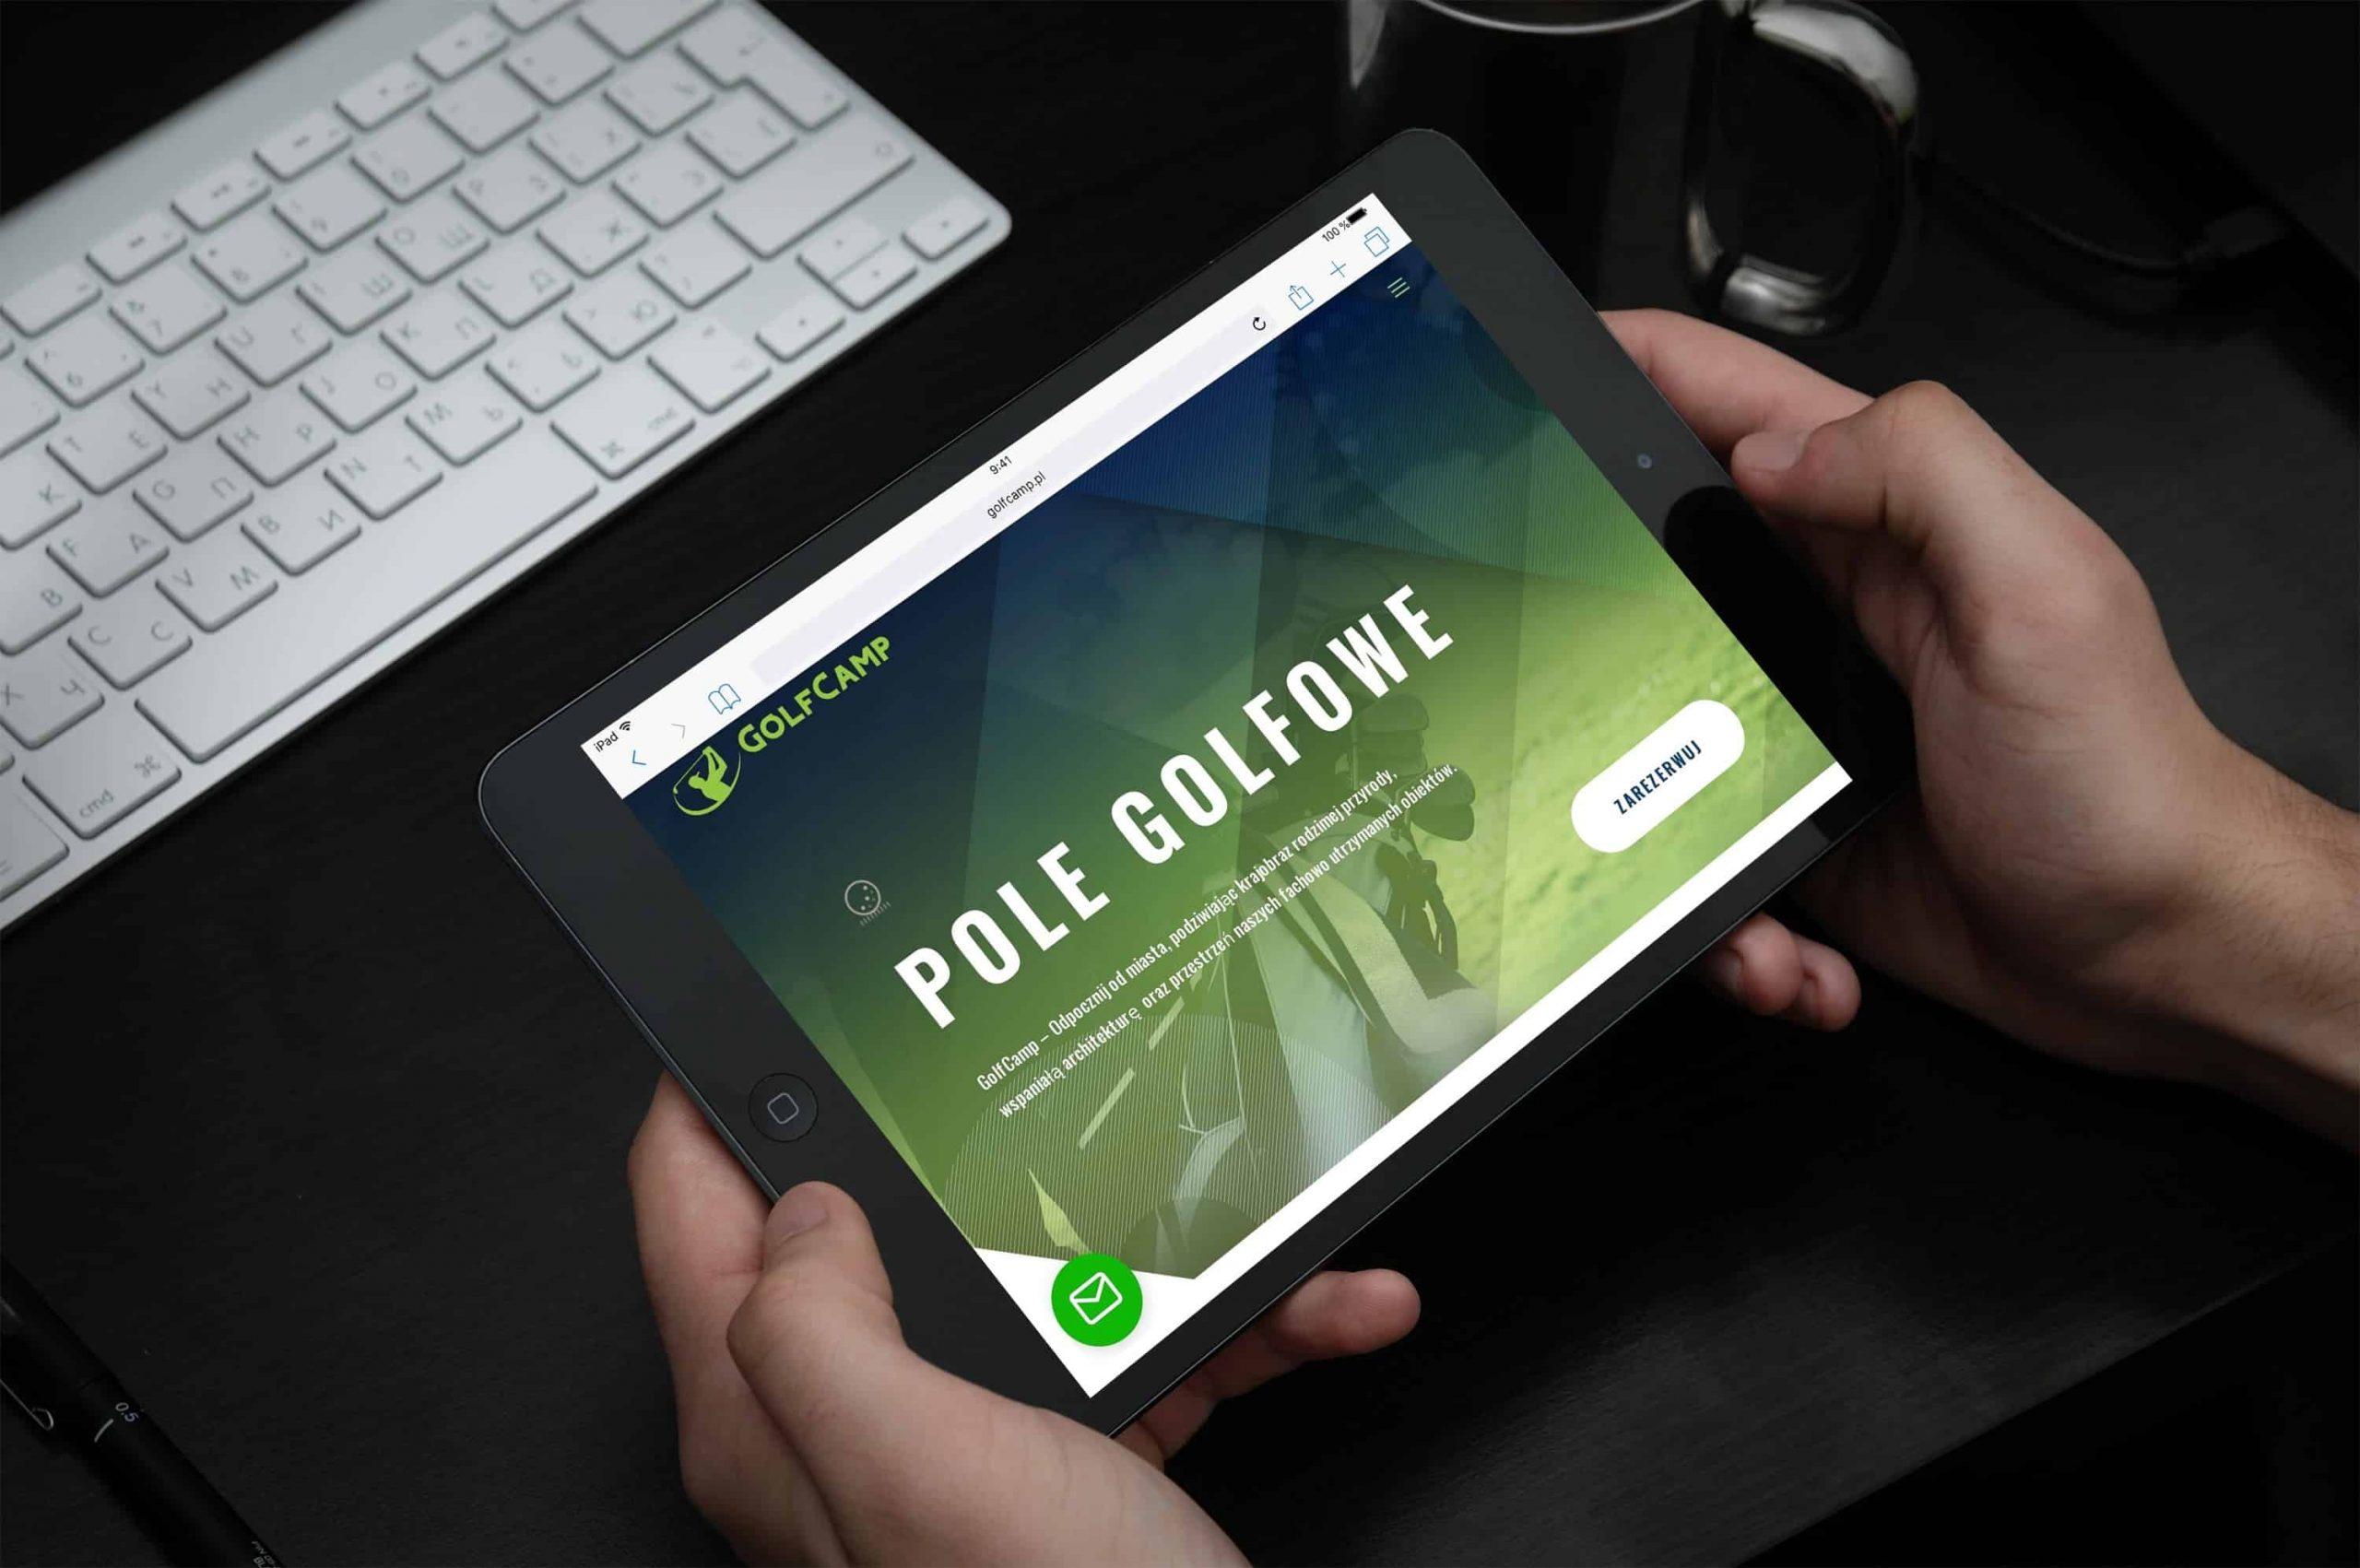 Strona internetowa dla Centrum Golfowego - www.ginter.pro